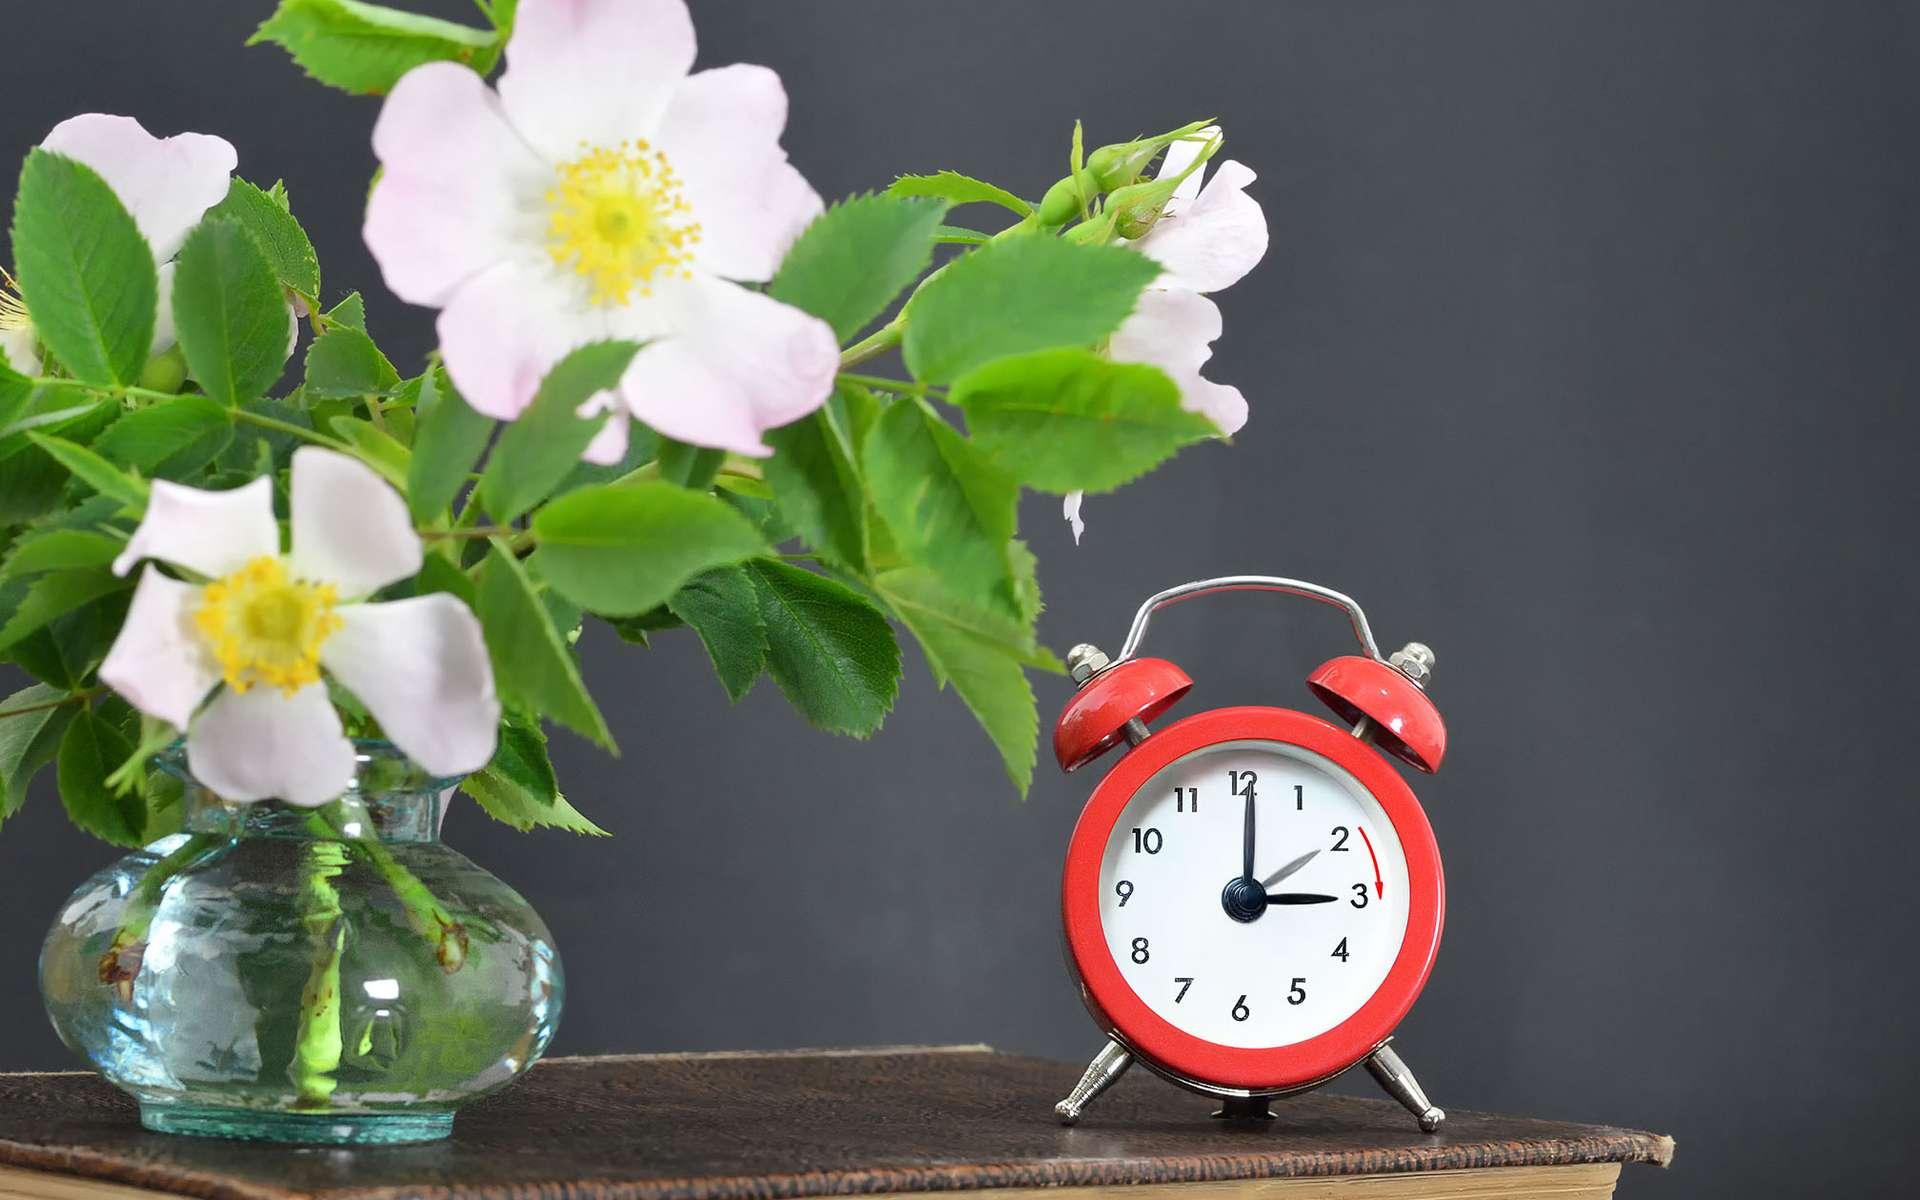 Nous passons à l'heure d'été au mois de mars. 2021 sera-t-elle la dernière année pour ce changement d'heure ? Nul ne le sait encore. © izzzy71, Adobe Stock